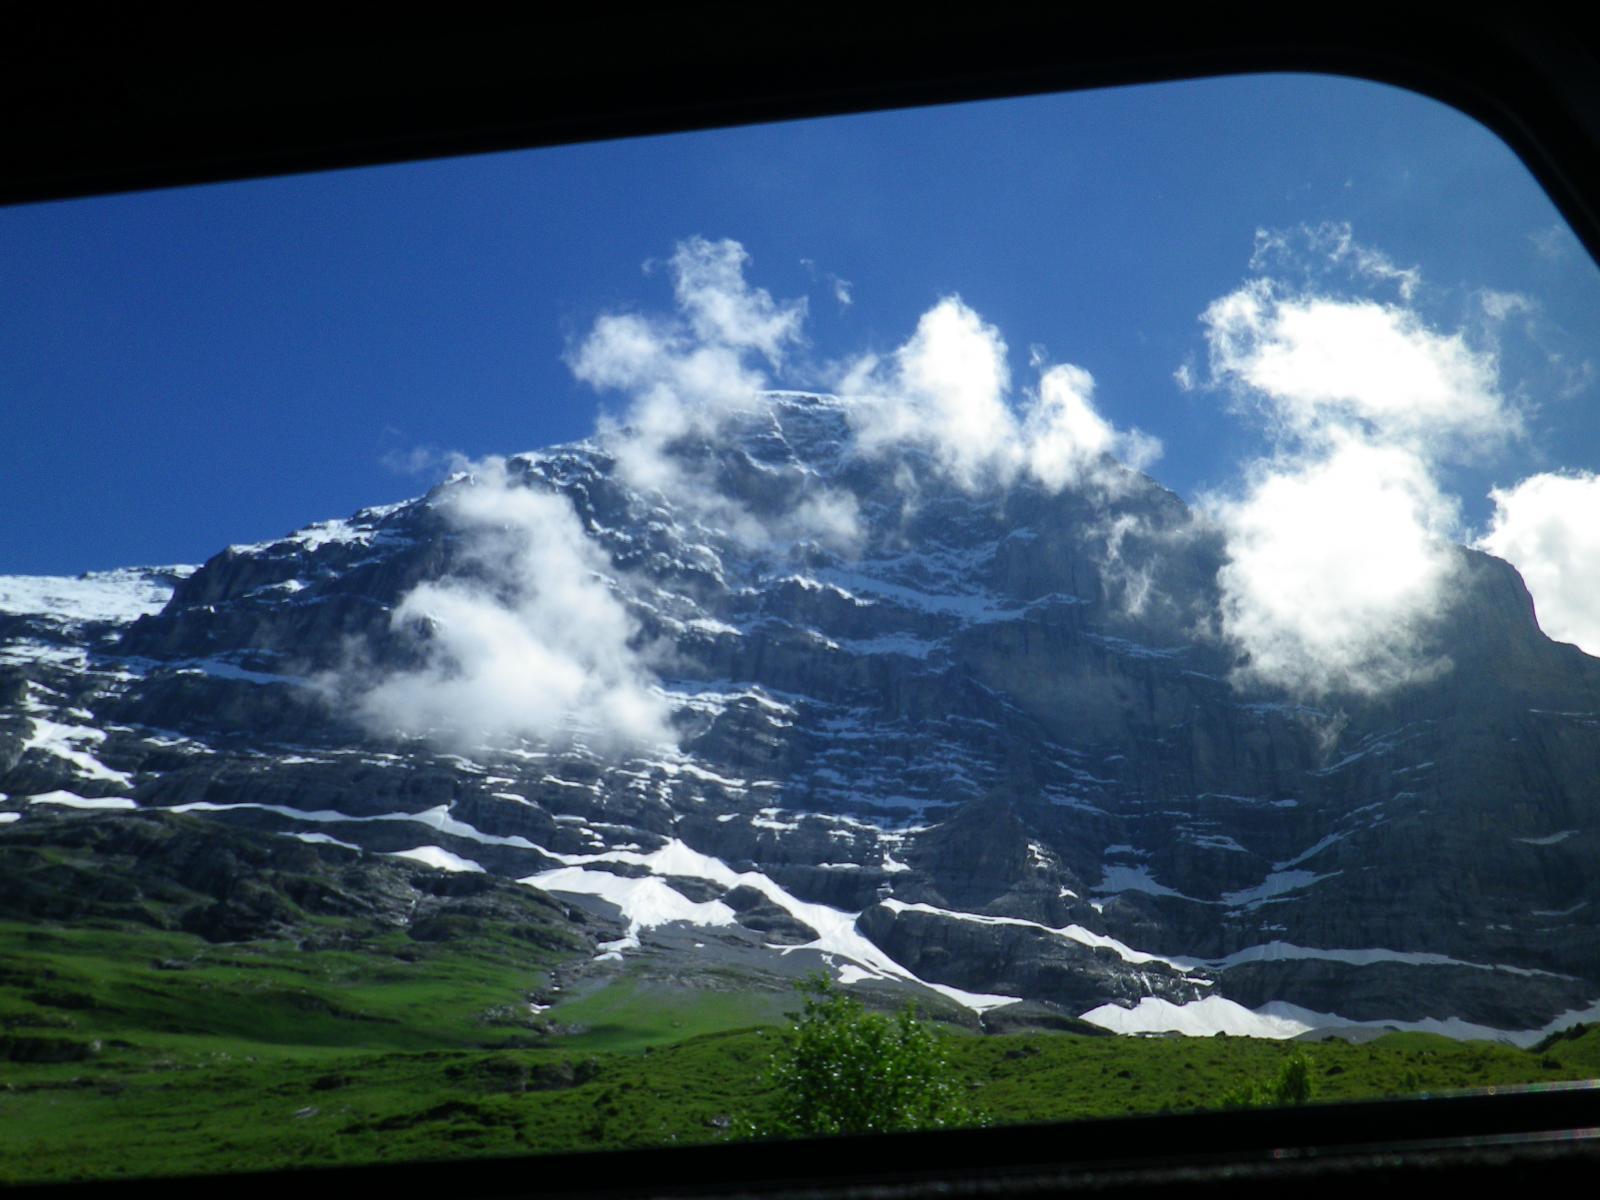 la famosa parete nord dell'Eiger vista dal trenino